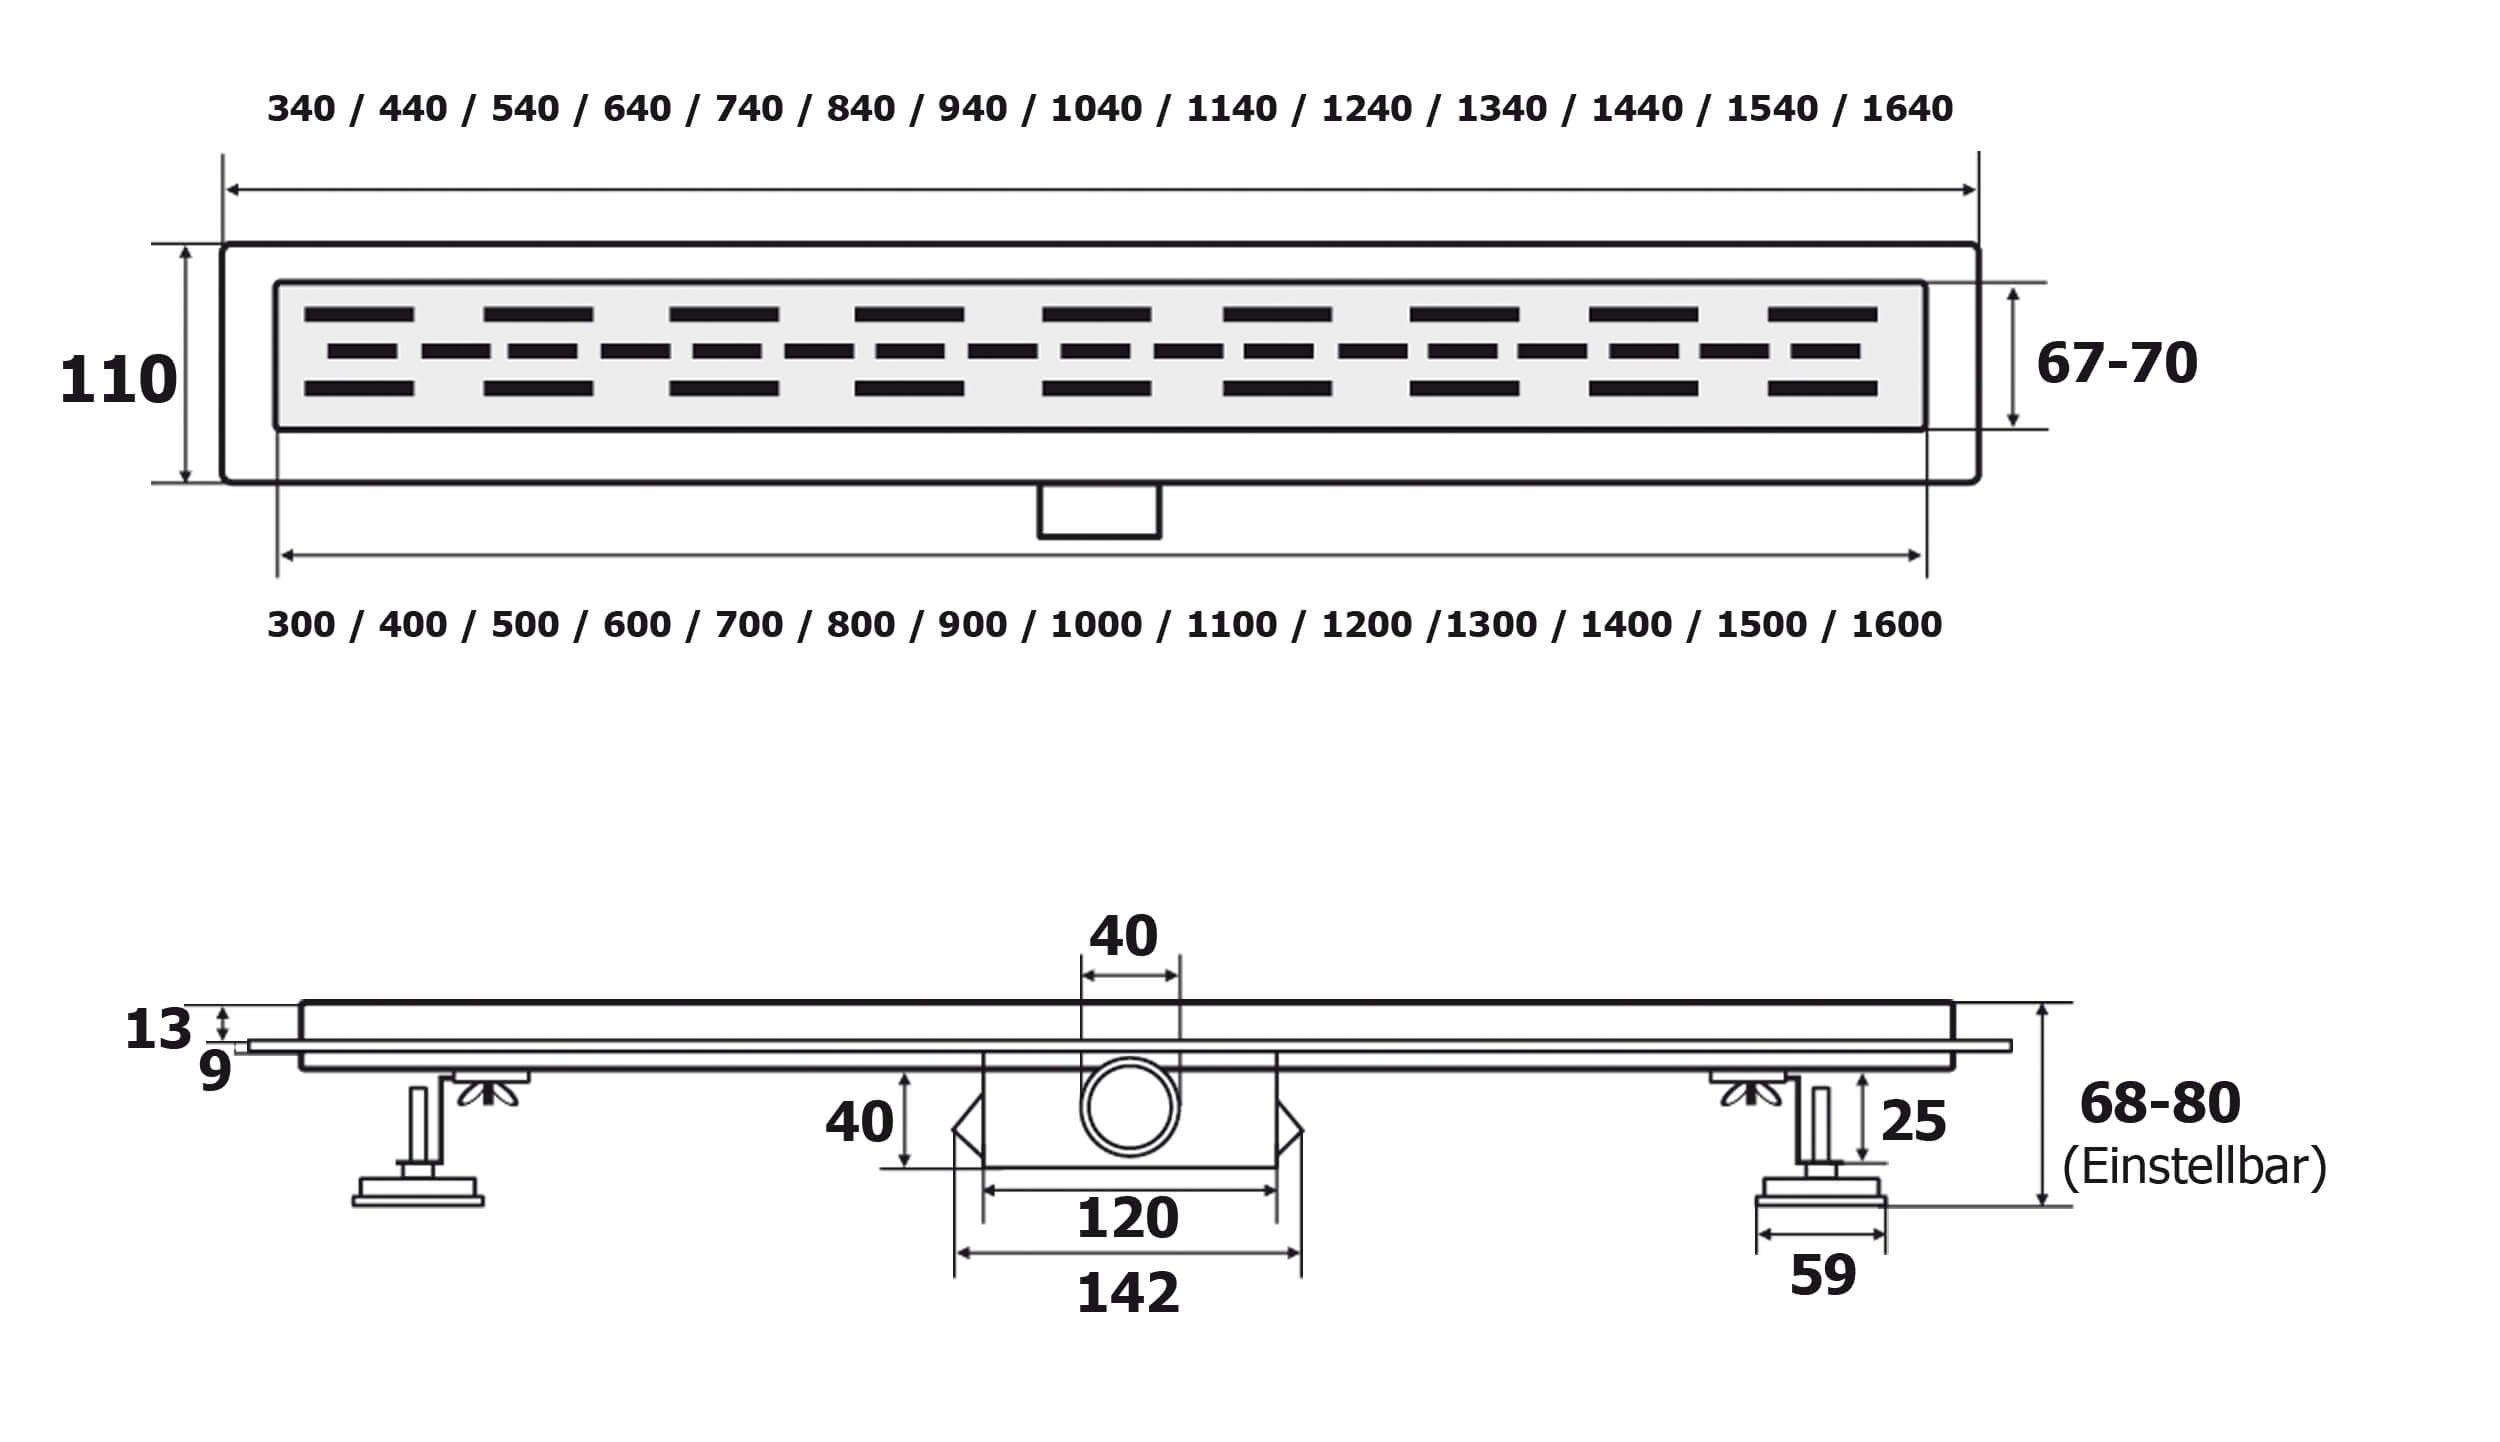 Canaleta de ducha con sifón VILSTEIN, canal de desagüe para el suelo, 30 cm, Plateado, VS-DB01-40B: Amazon.es: Bricolaje y herramientas